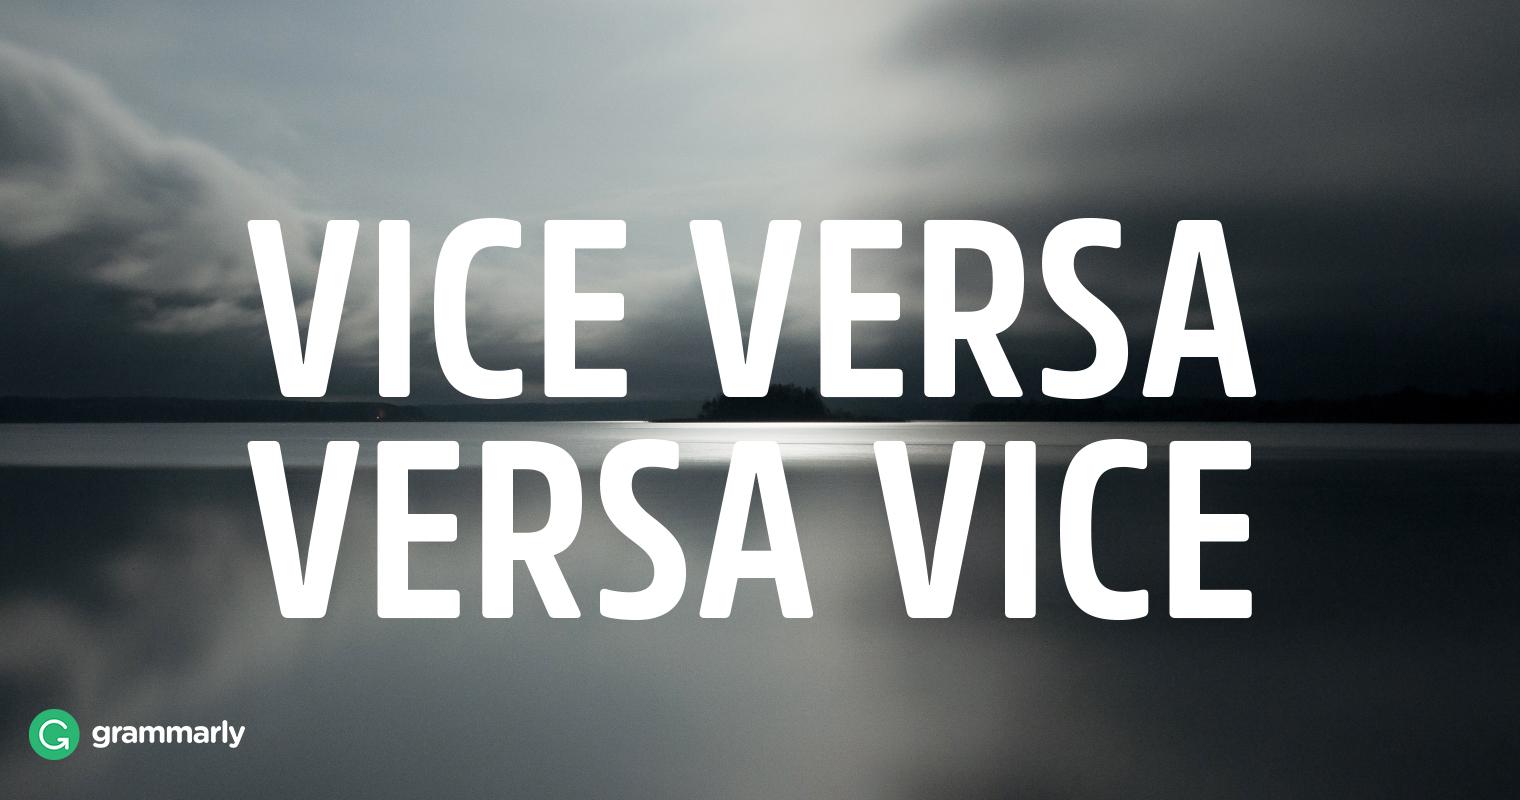 Vice Versa image